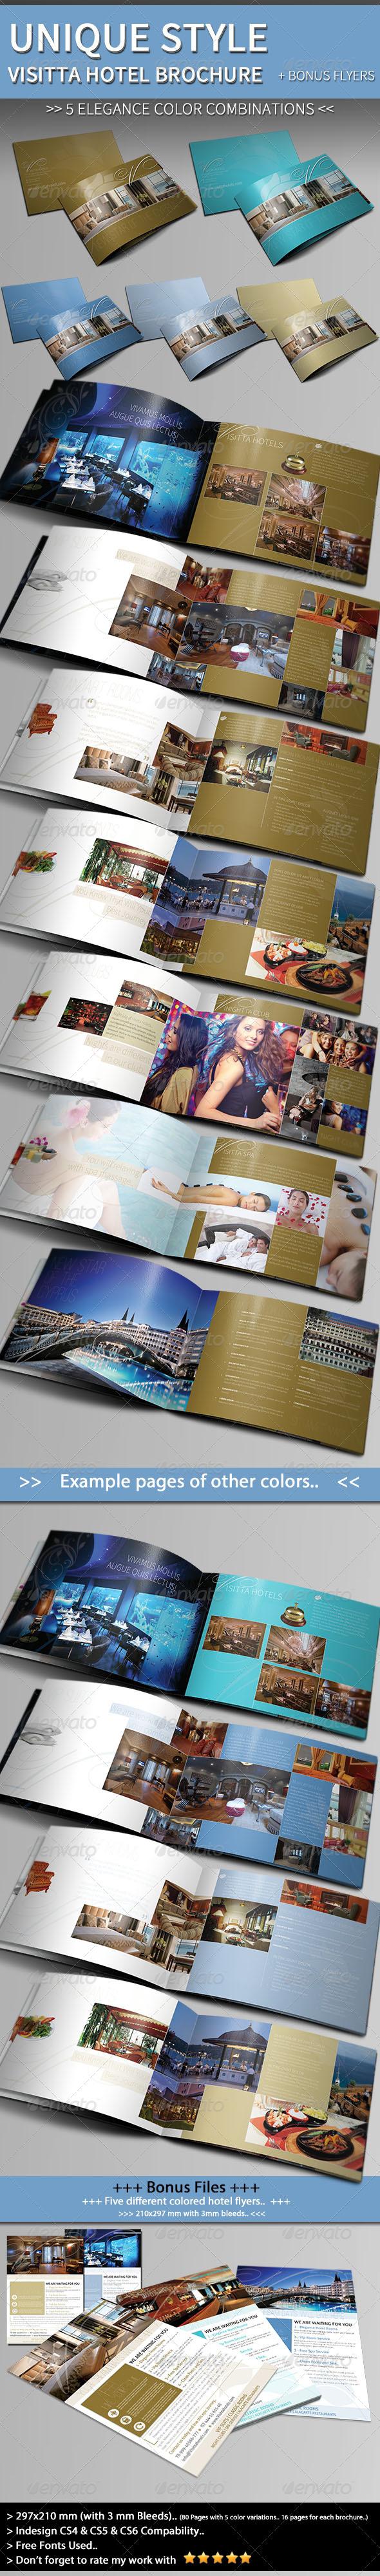 Unique Hotel Brochure Template + Bonus Flyer - Informational Brochures